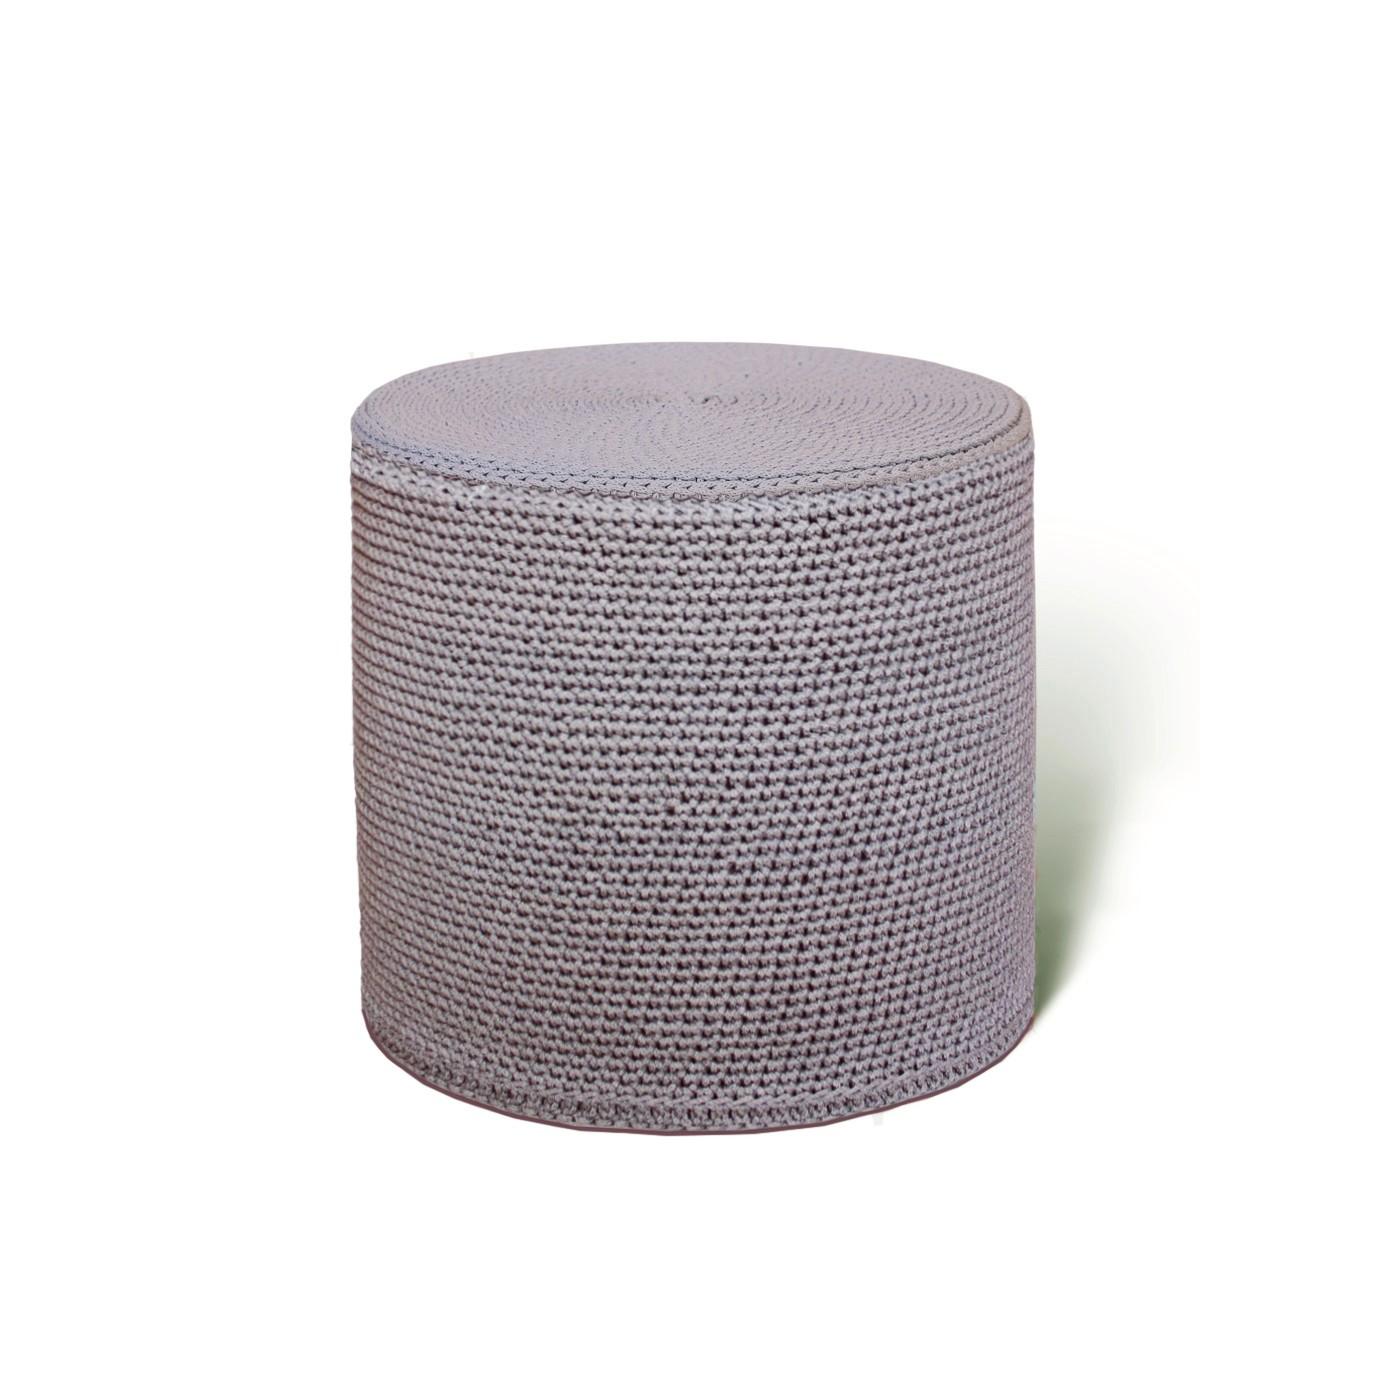 ПуфФорменные пуфы<br>Дизайнерский уникальный пуф ручной работы. Чехол сплетен из льняных веревок цвета какао, мягкое войлочное дно. Наполнитель — формованный высококачественный ППУ, поэтому такой пуф можно использовать вместо табурета или ставить на него поднос с едой.&amp;lt;div&amp;gt;&amp;lt;br&amp;gt;&amp;lt;/div&amp;gt;&amp;lt;div&amp;gt;Гарантия на форму 5 лет&amp;lt;/div&amp;gt;<br><br>Material: Текстиль<br>Высота см: 45